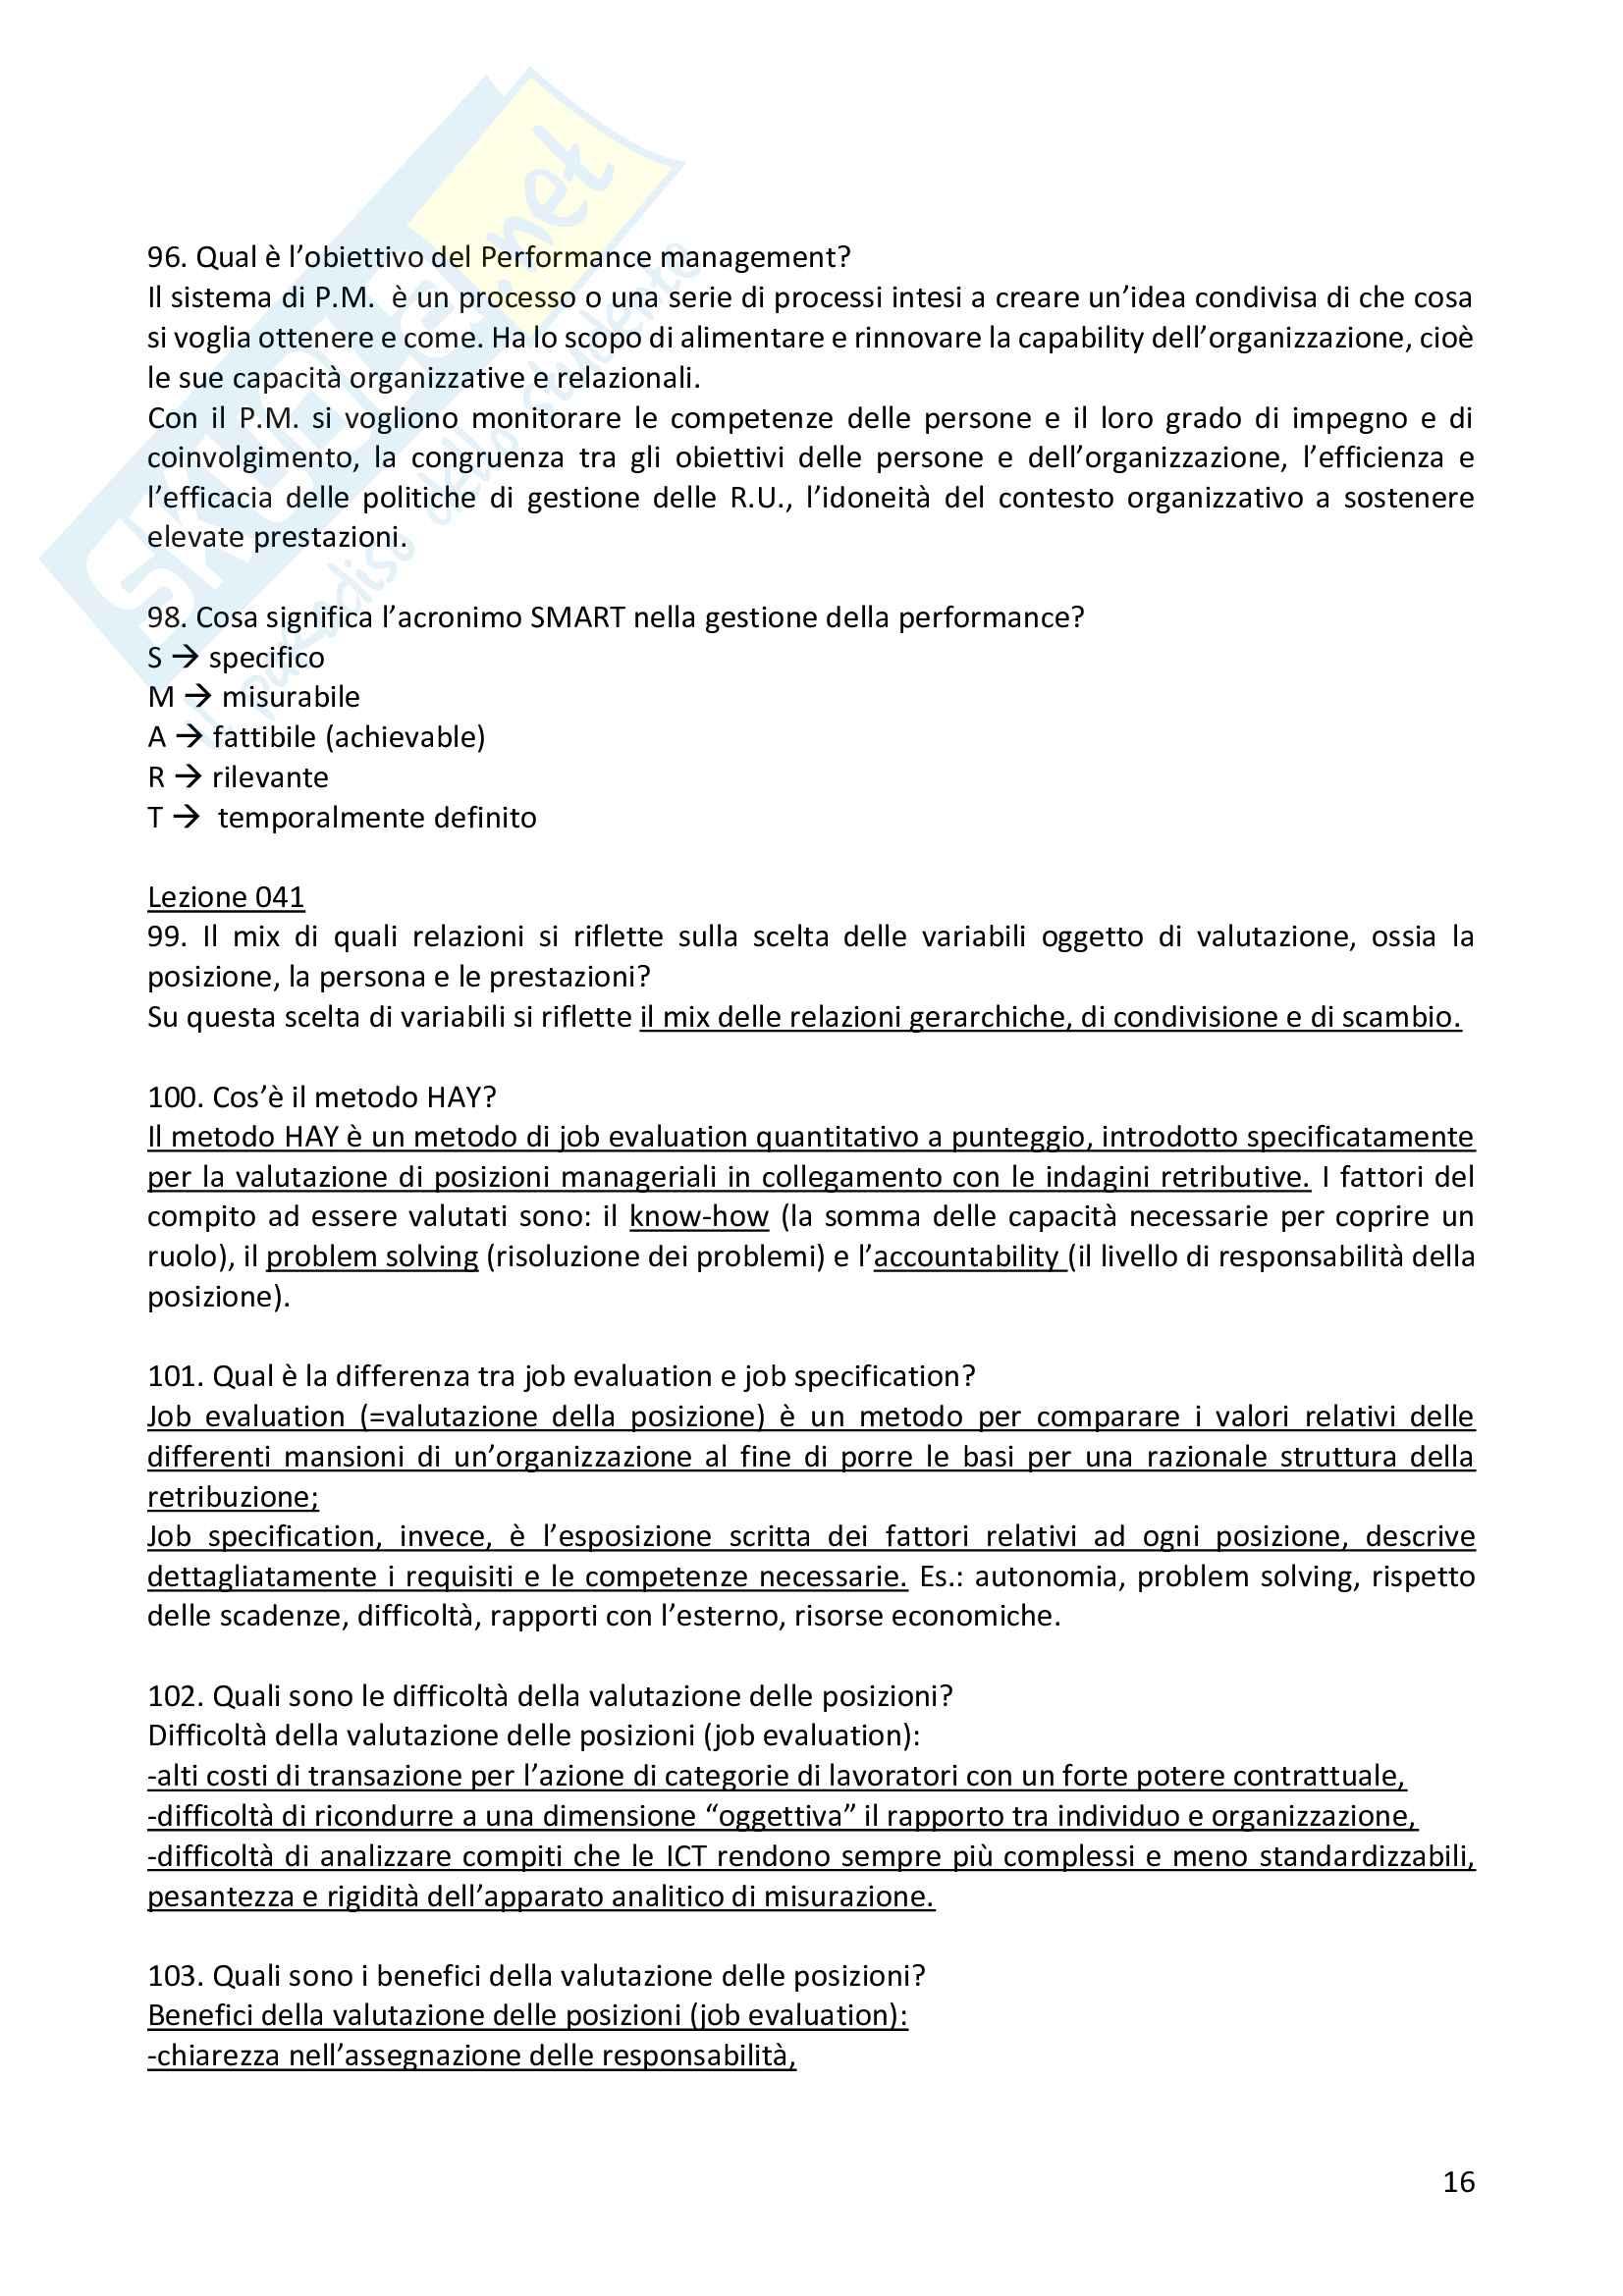 """Risposte alle domande aperte dell'esame """"Organizzazione e gestione del personale nelle Pubbliche Amministrazioni"""" Pag. 16"""